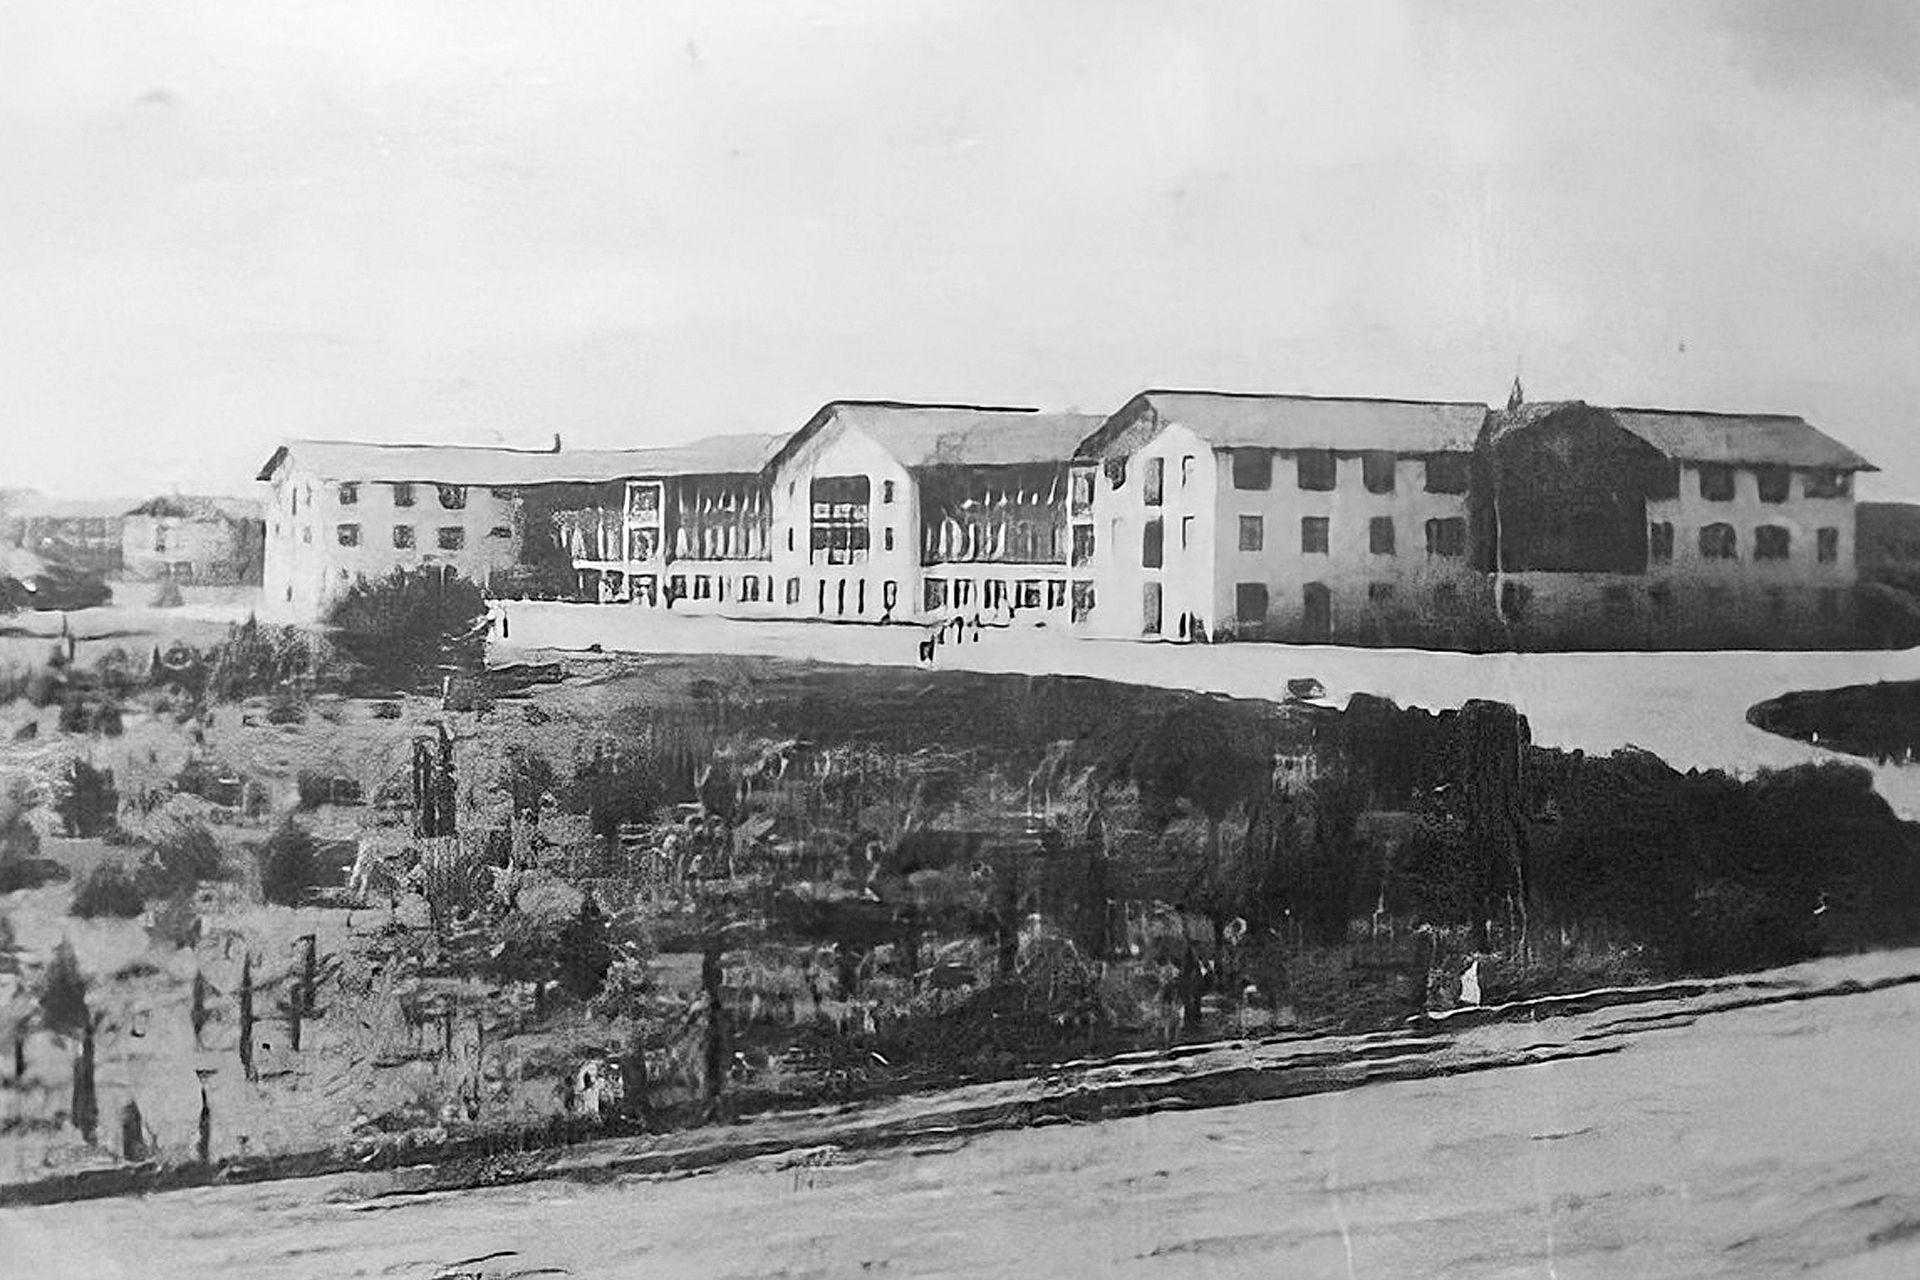 Foto histórica del complejo hotelero en Embalse, Córdoba